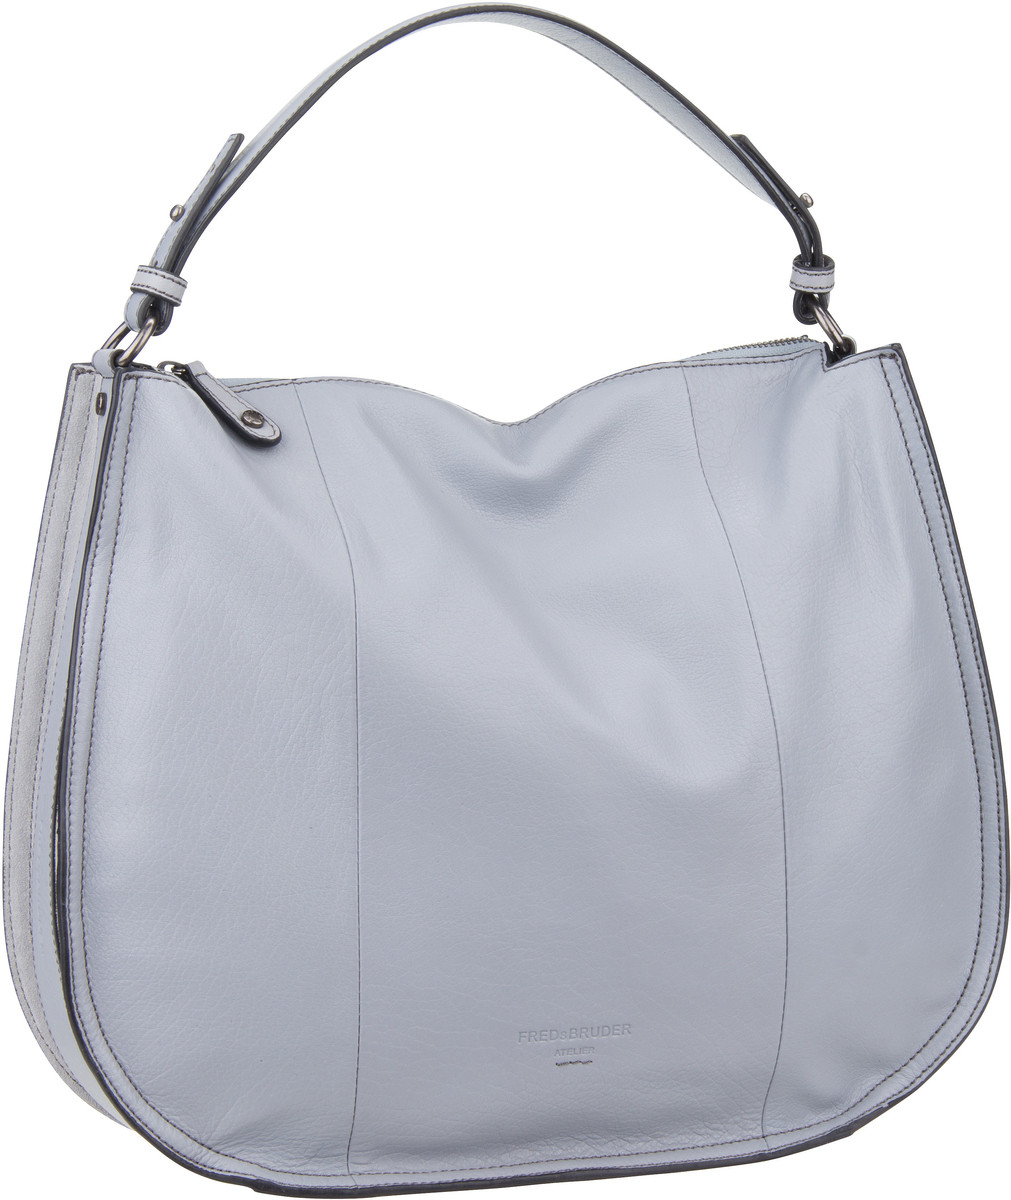 Handtasche Tagtraum Light Blue